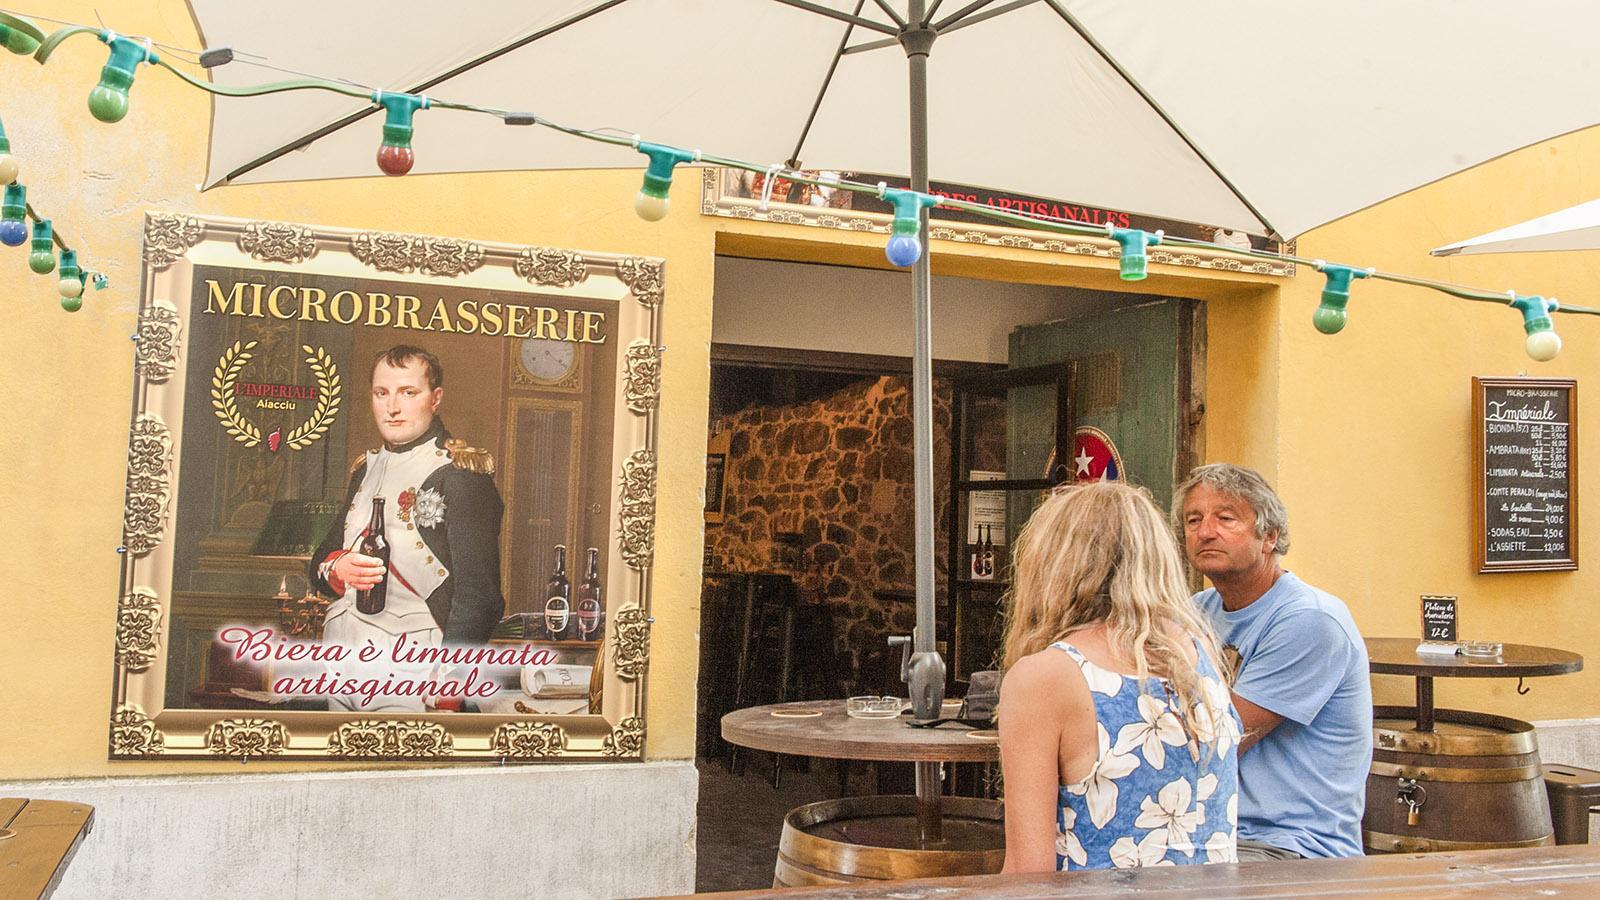 Napoleon allerorten in Ajaccio, auch bei der Mikrobrauerei Impériale. Foto: Hilke Maunder